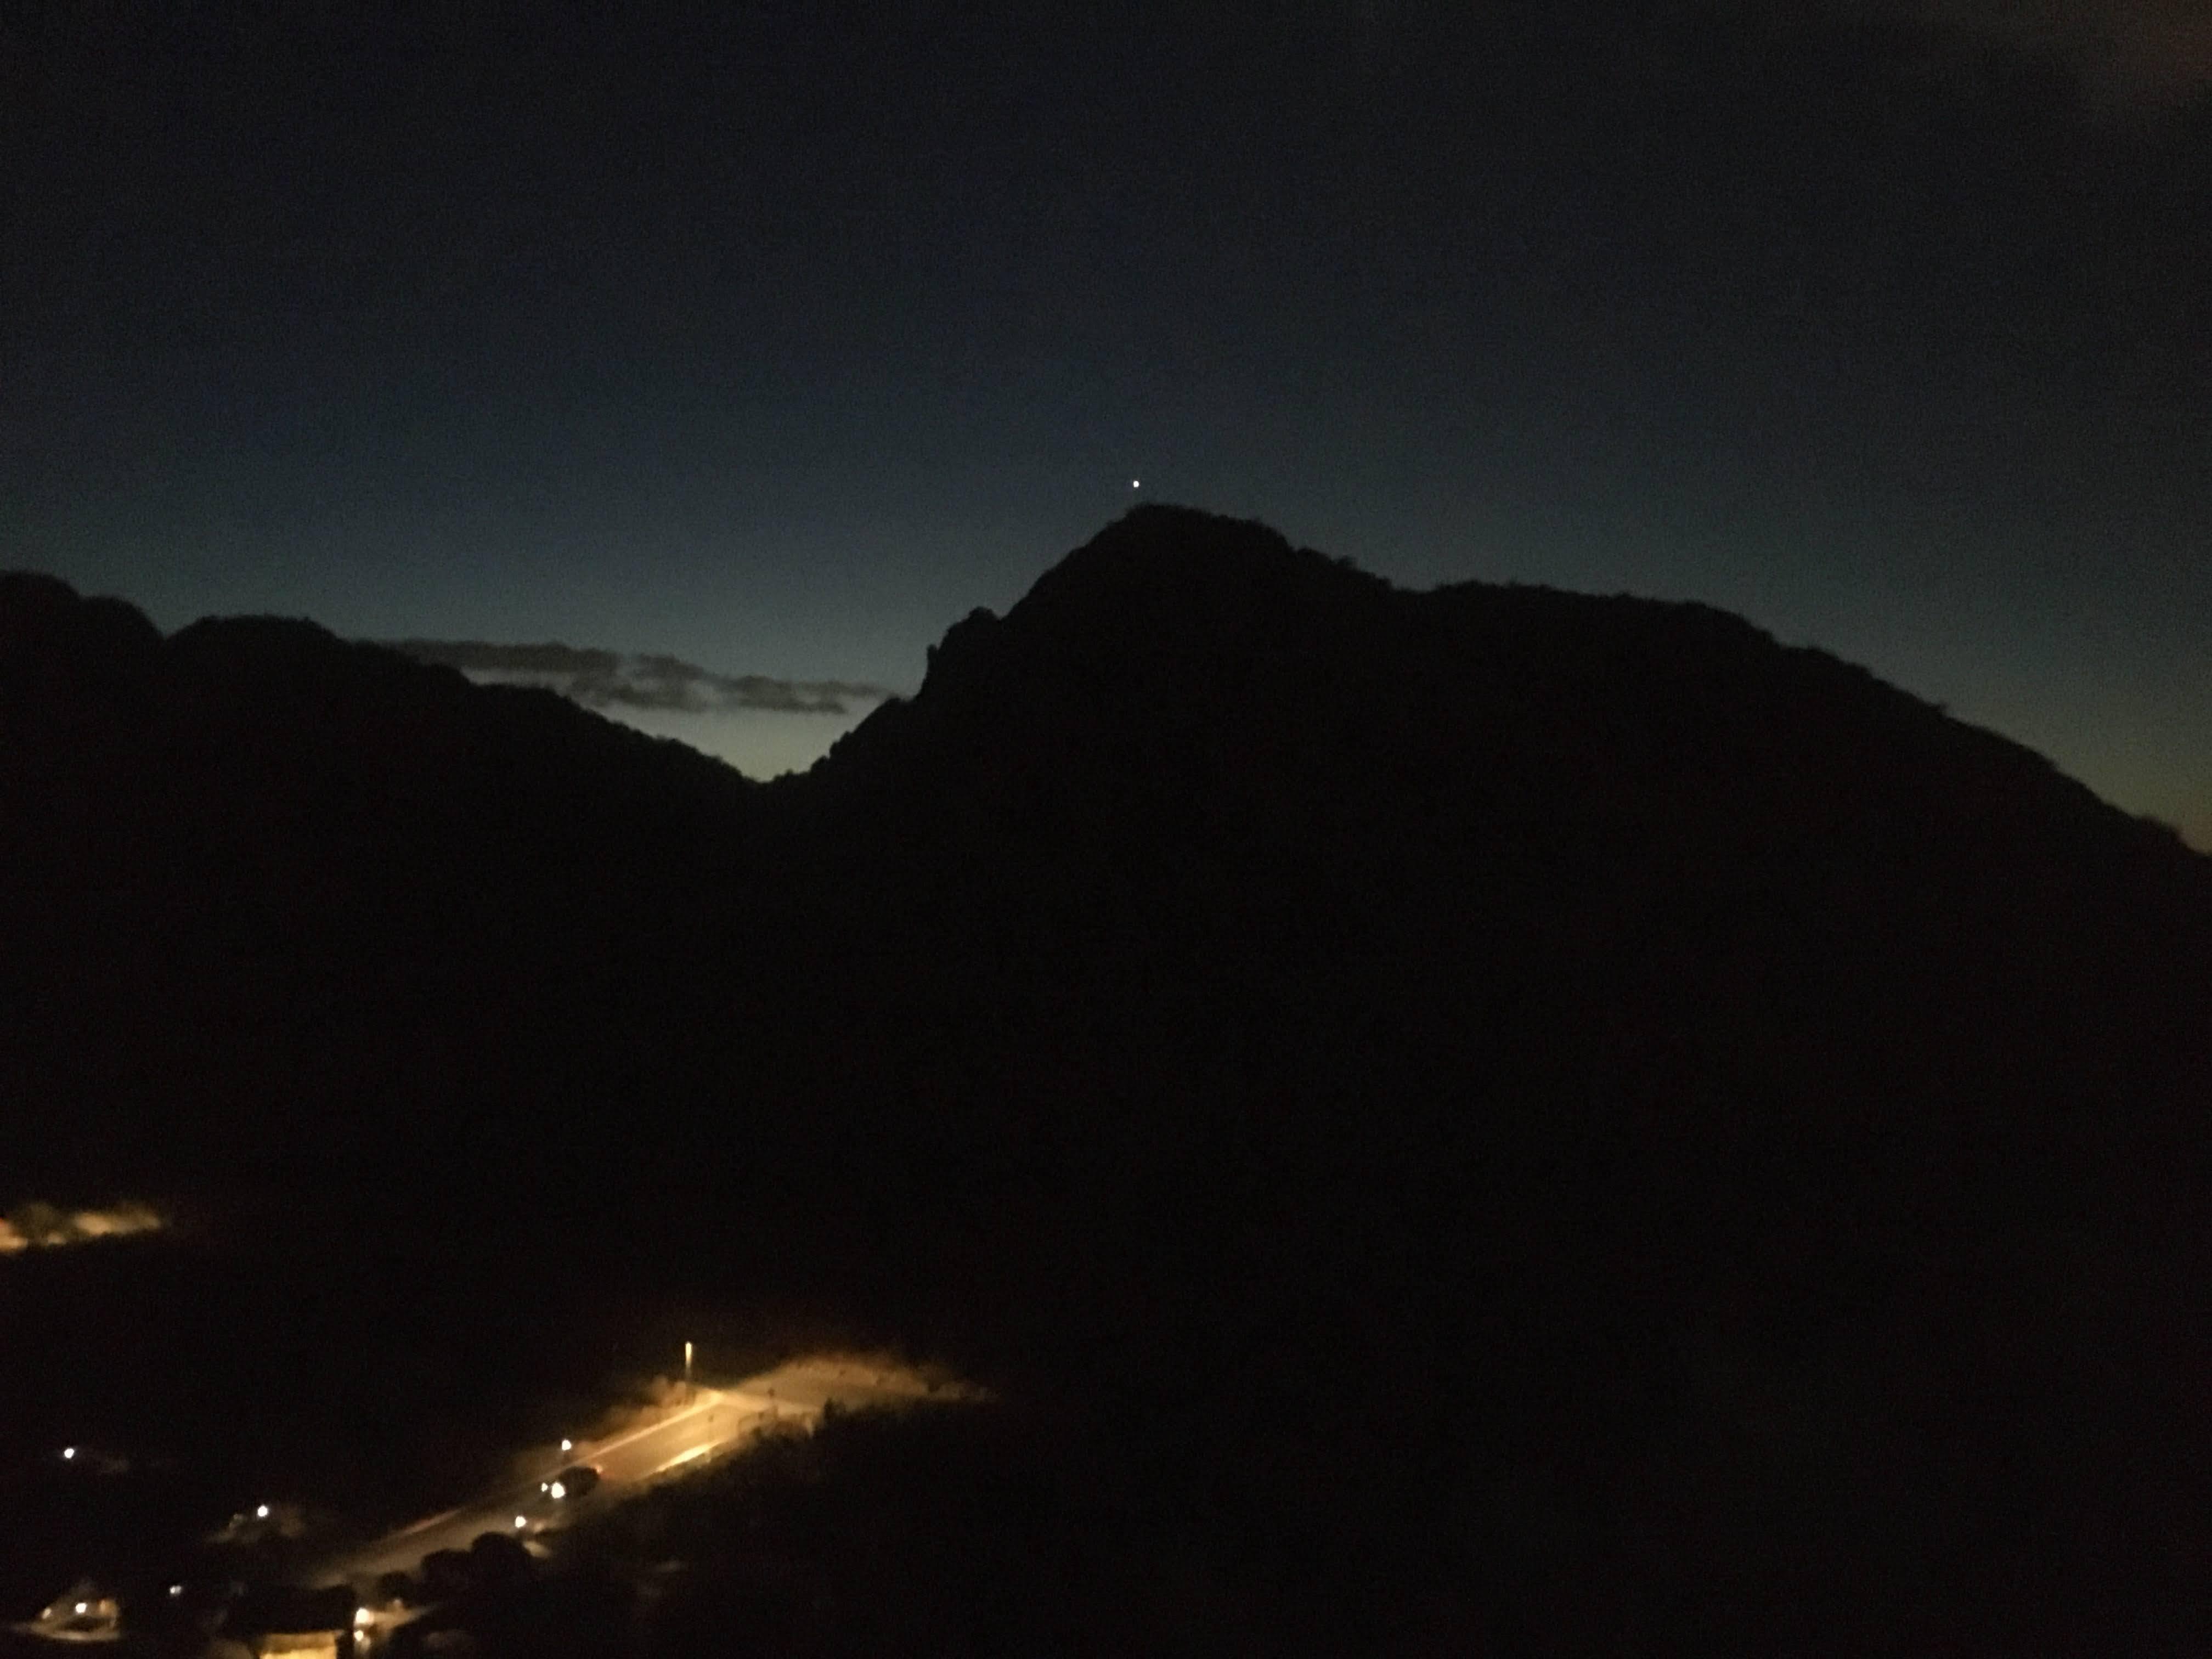 silhouette of mountain in Phoenix, AZ